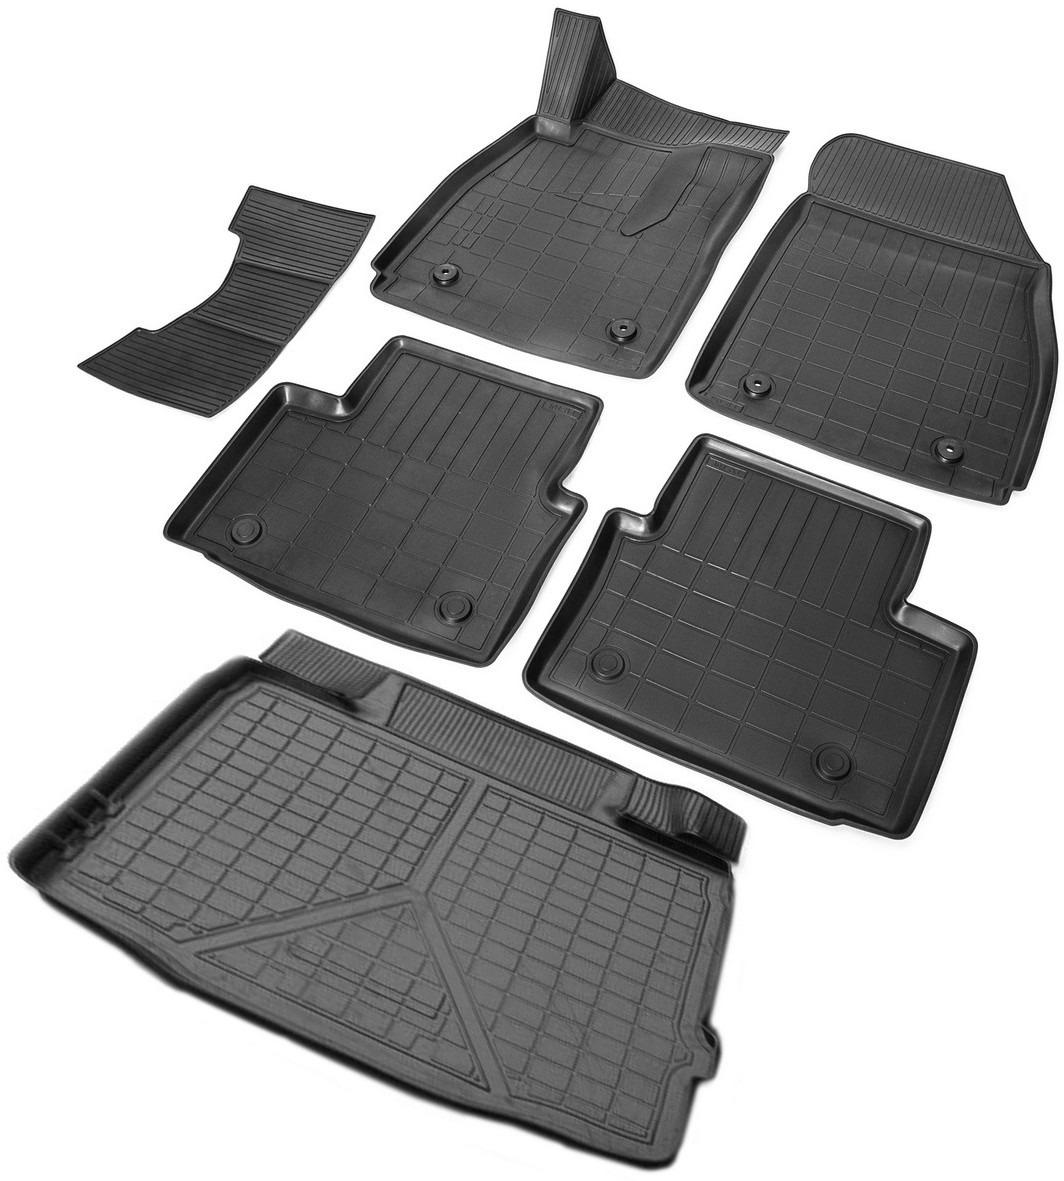 цена на Комплект ковриков салона и багажника Rival для Opel Insignia I седан (багажник без органайзера) 2008-2017, полиуретан, с крепежом, с перемычкой, 6 шт. K14204003-1